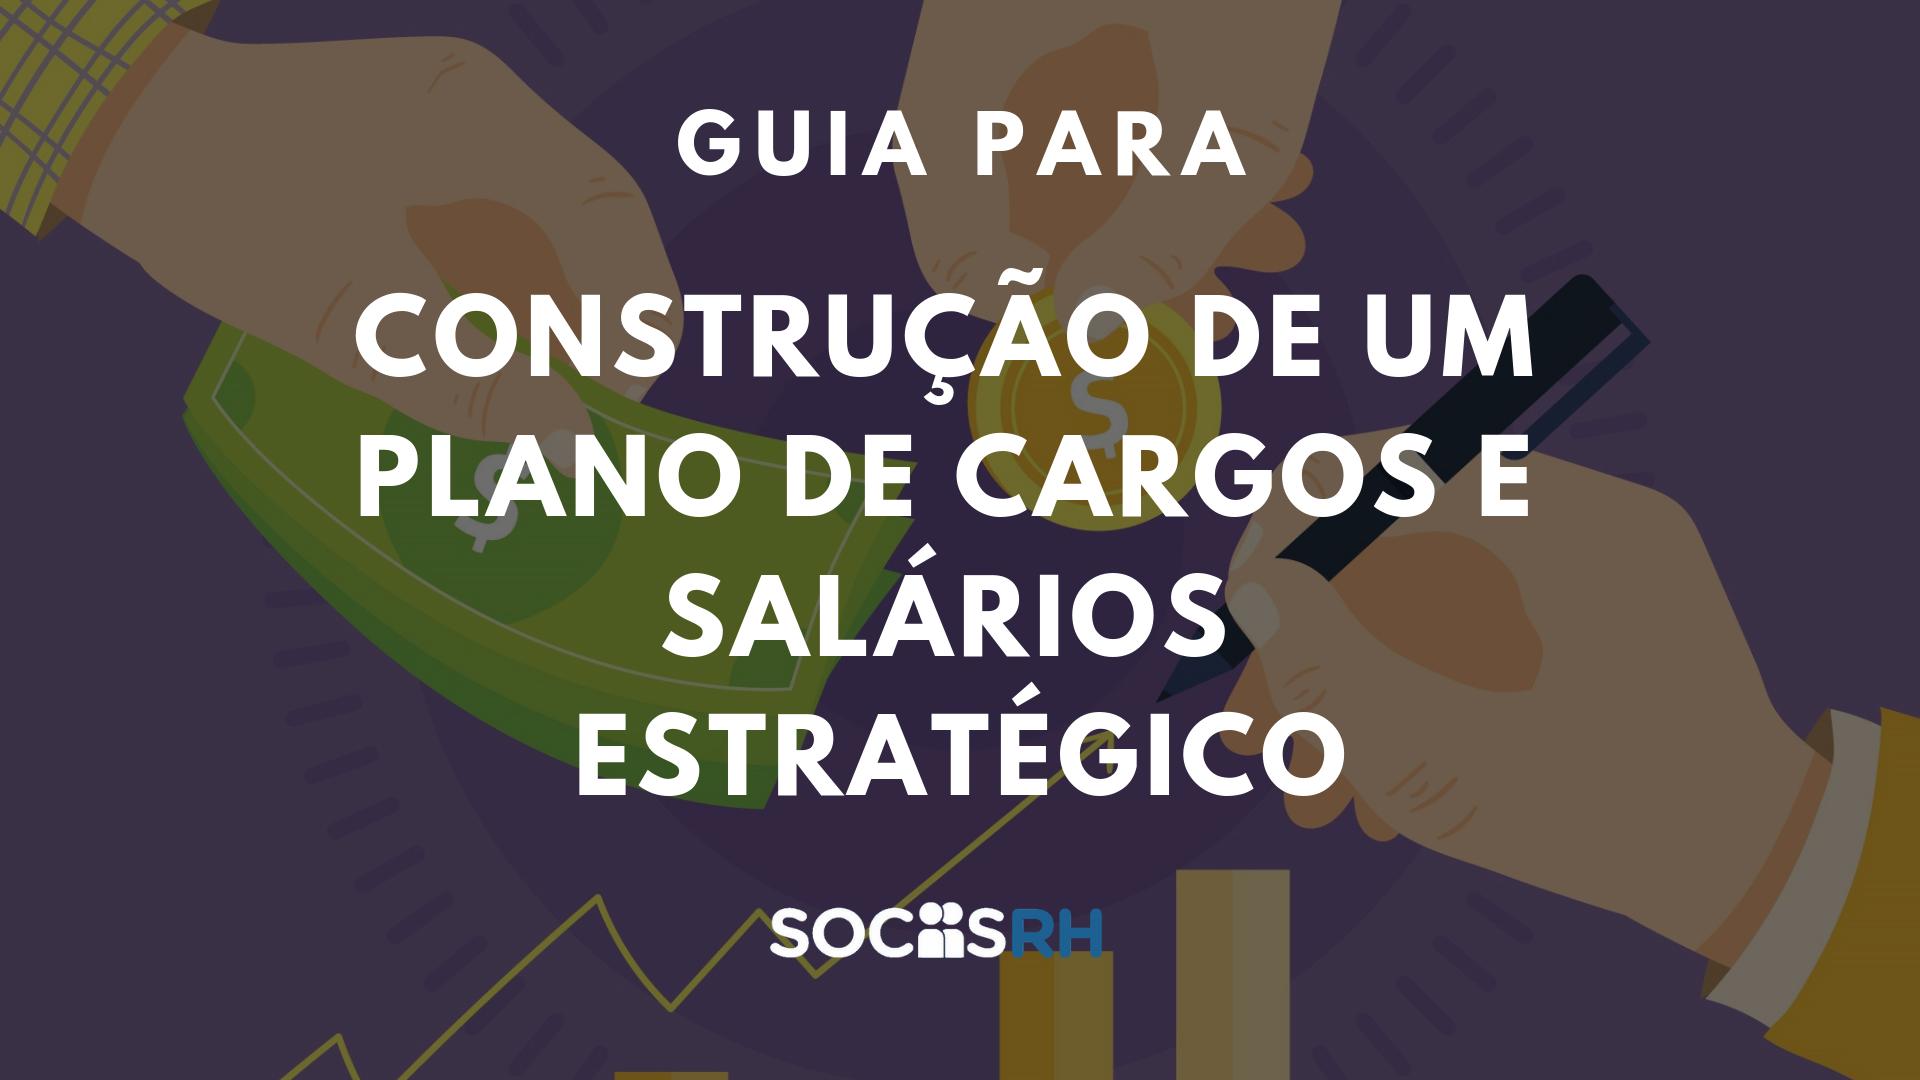 Guia Construção Plano de Cargos e Salários Estratégico - Sociis RH